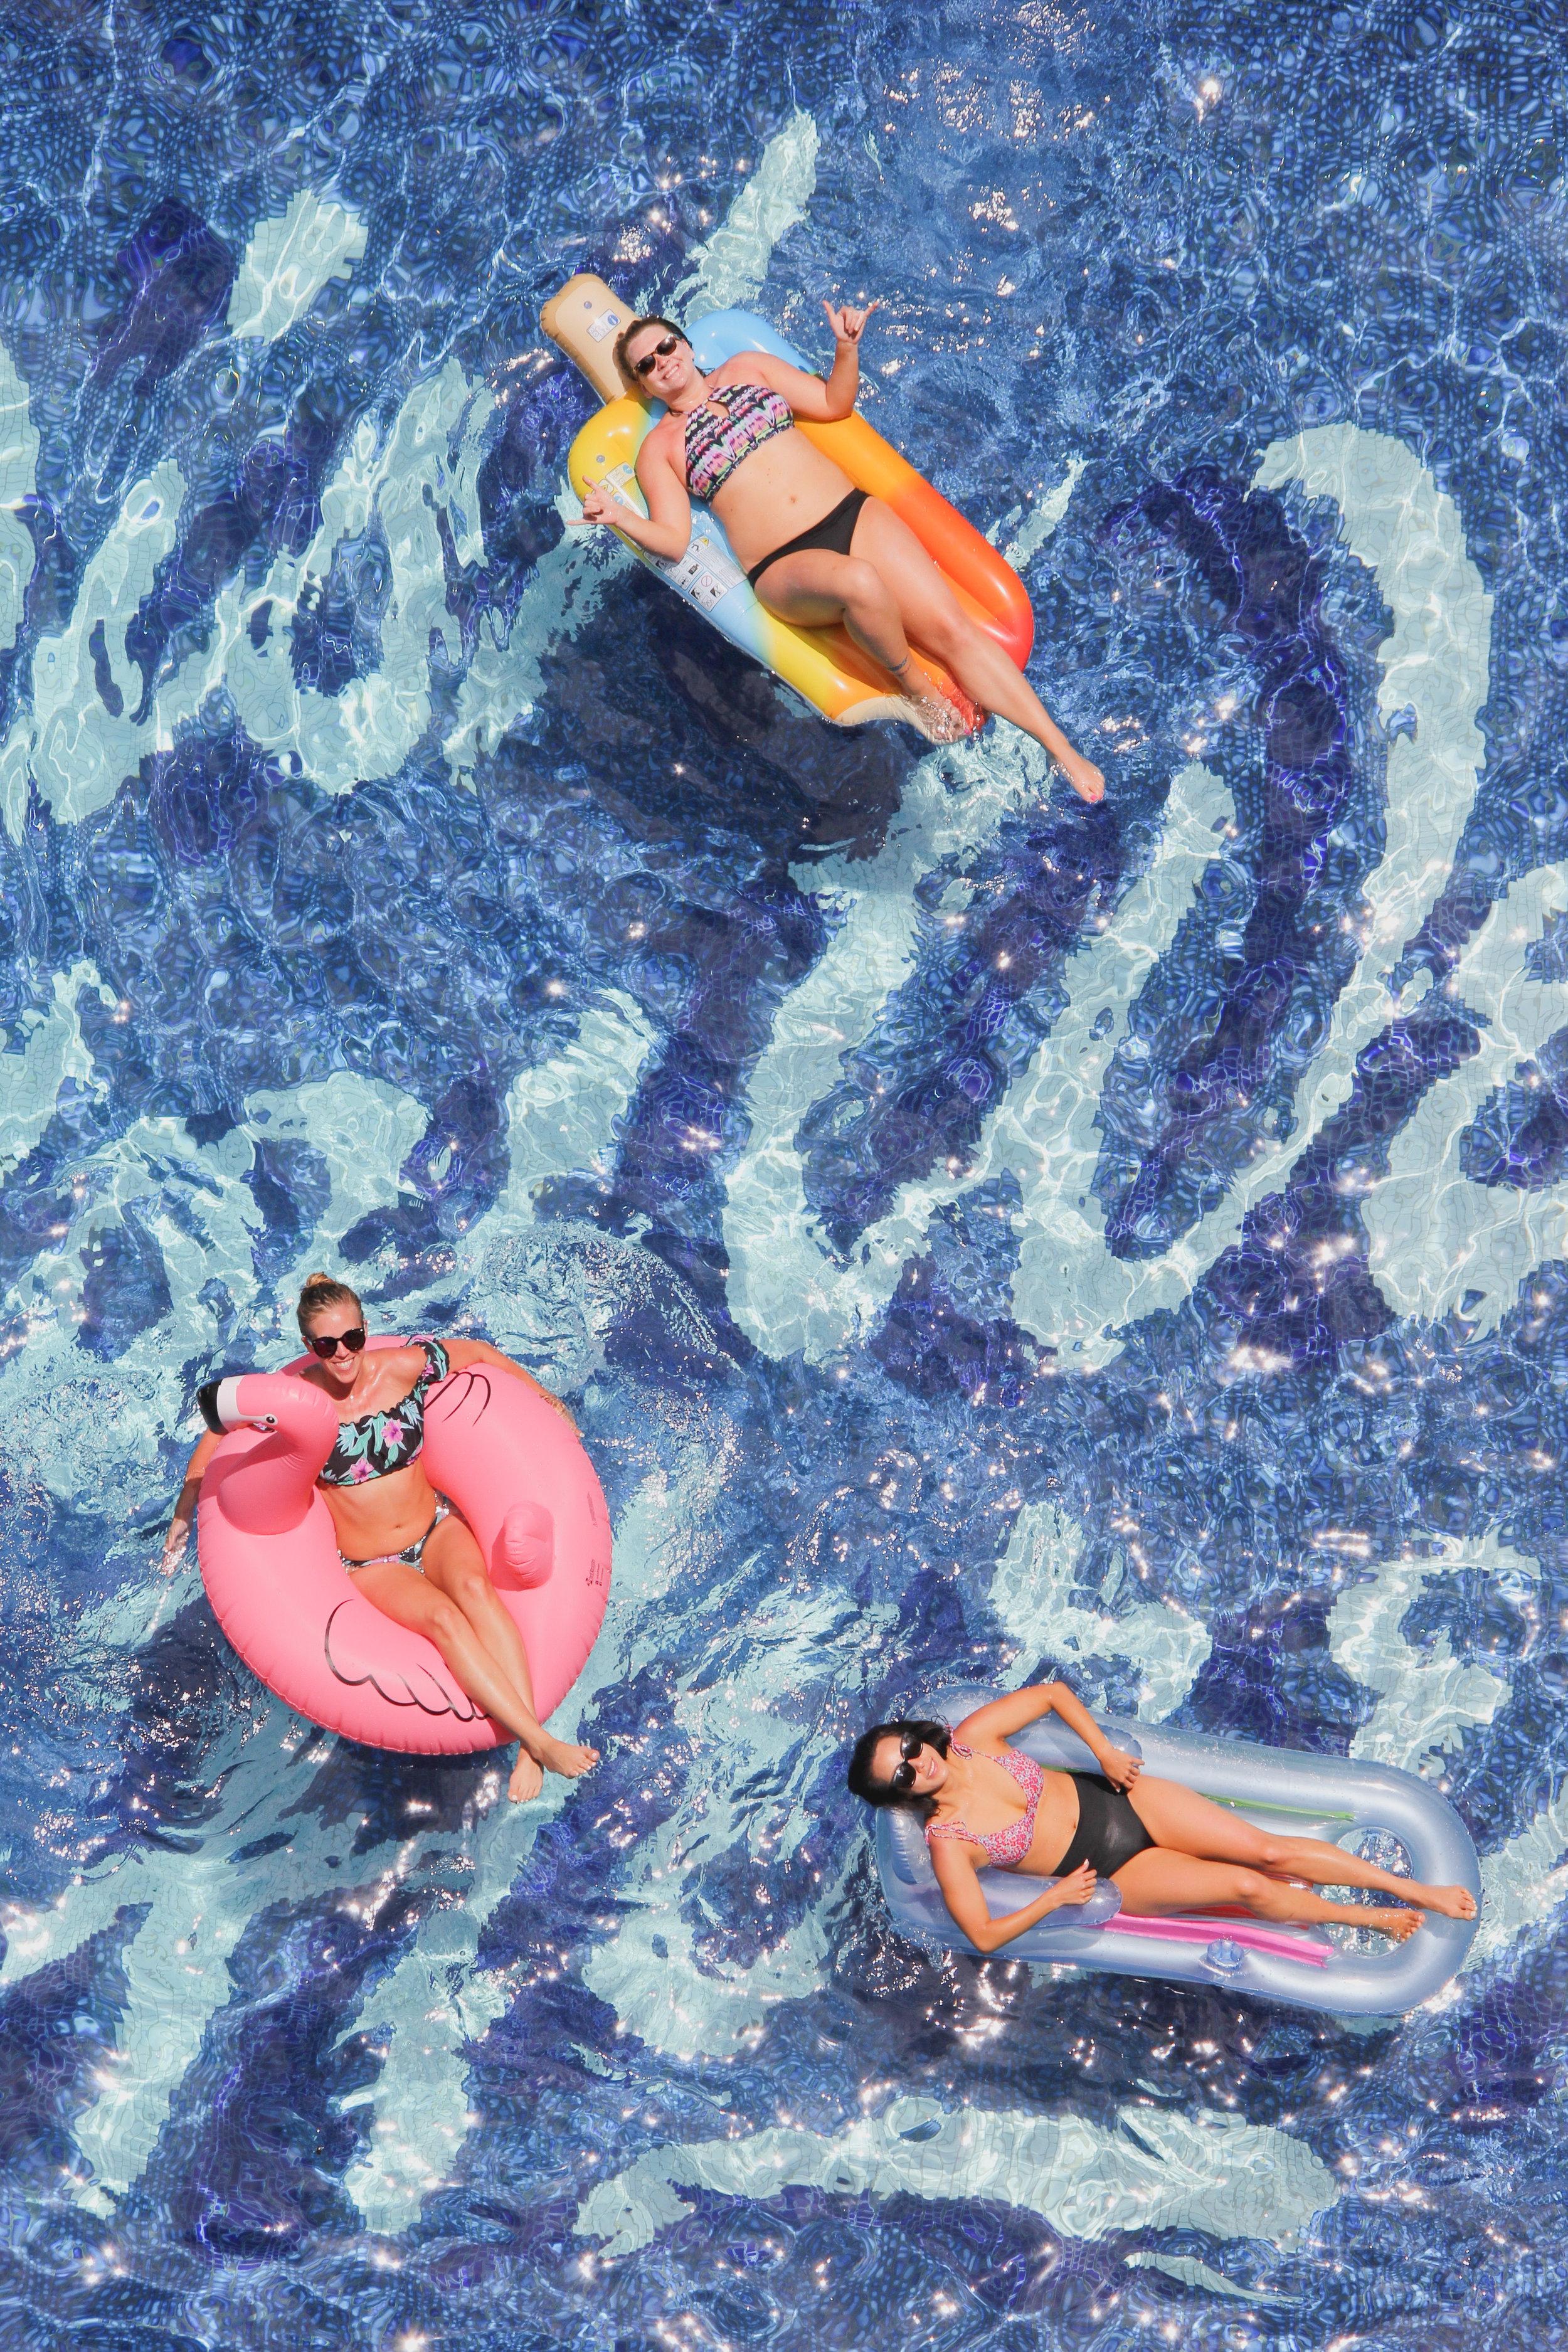 Floaties in the Surfjack pool